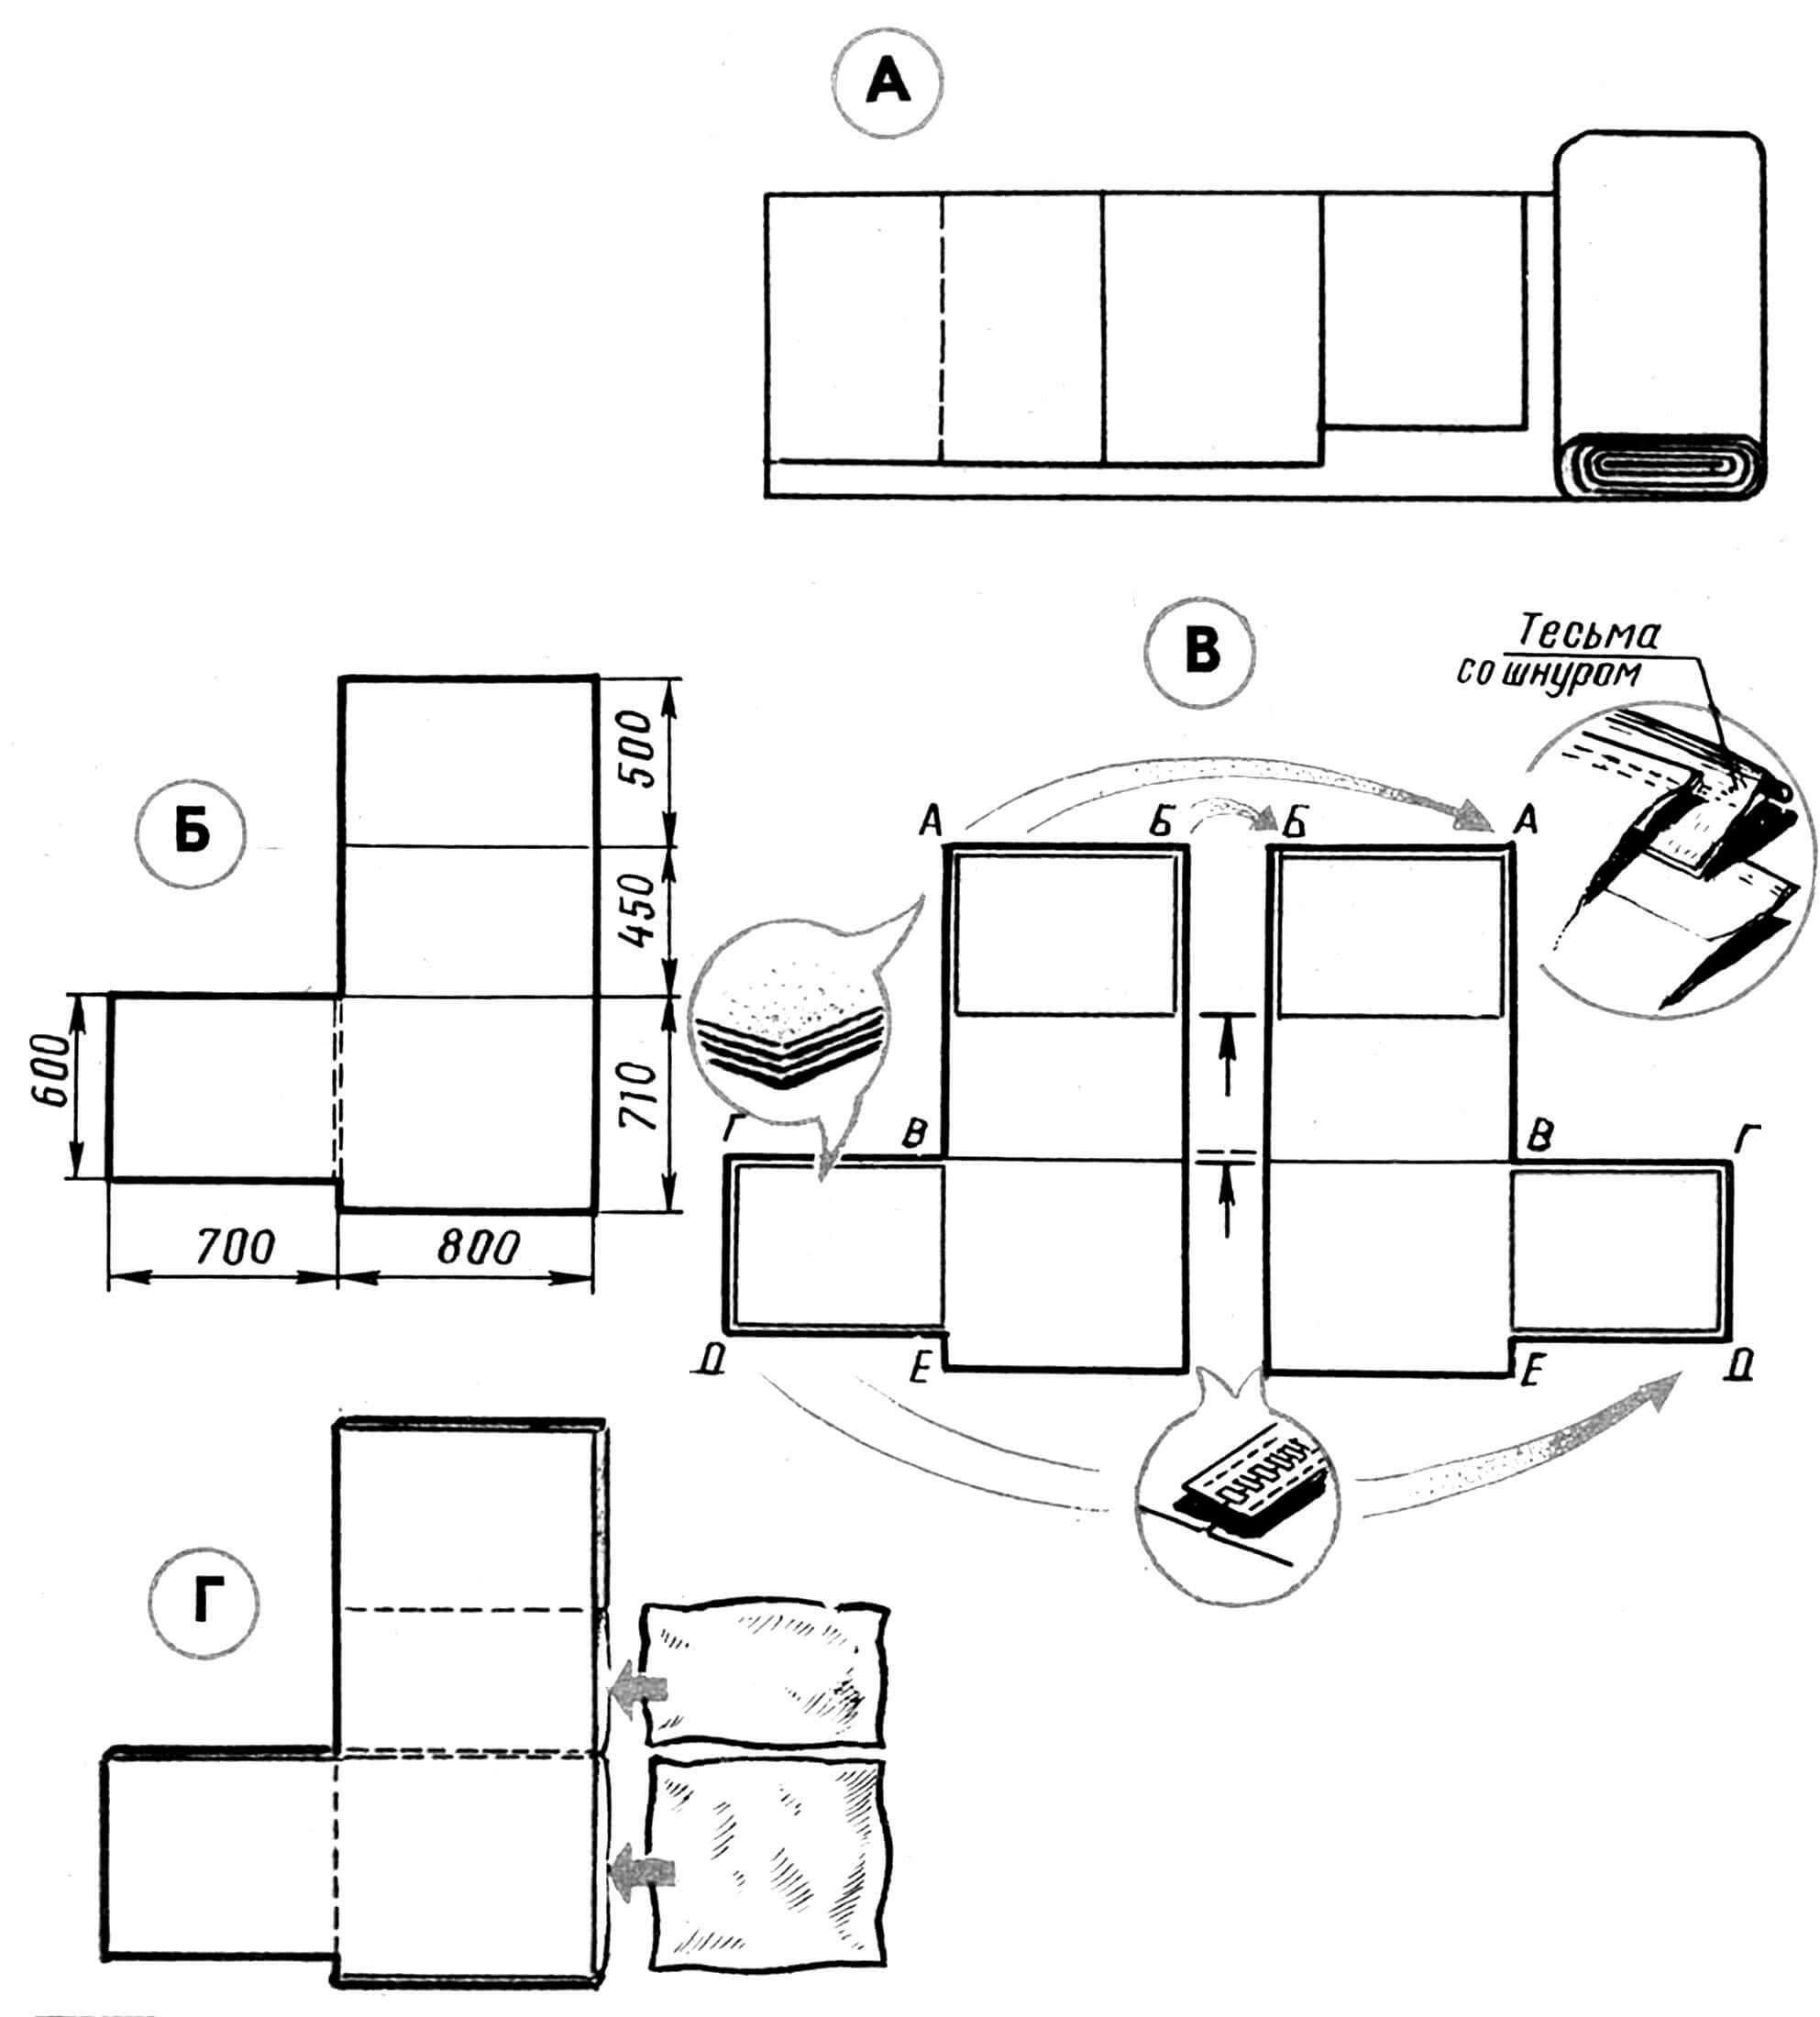 Рис. 3. Мягкое покрытие дивана: А — разметка выкройки на ткани; Б — развертка боковой части чехла, В — соединение заготовок в чехол с наполнителем, Г — вариант со вставными подушками.